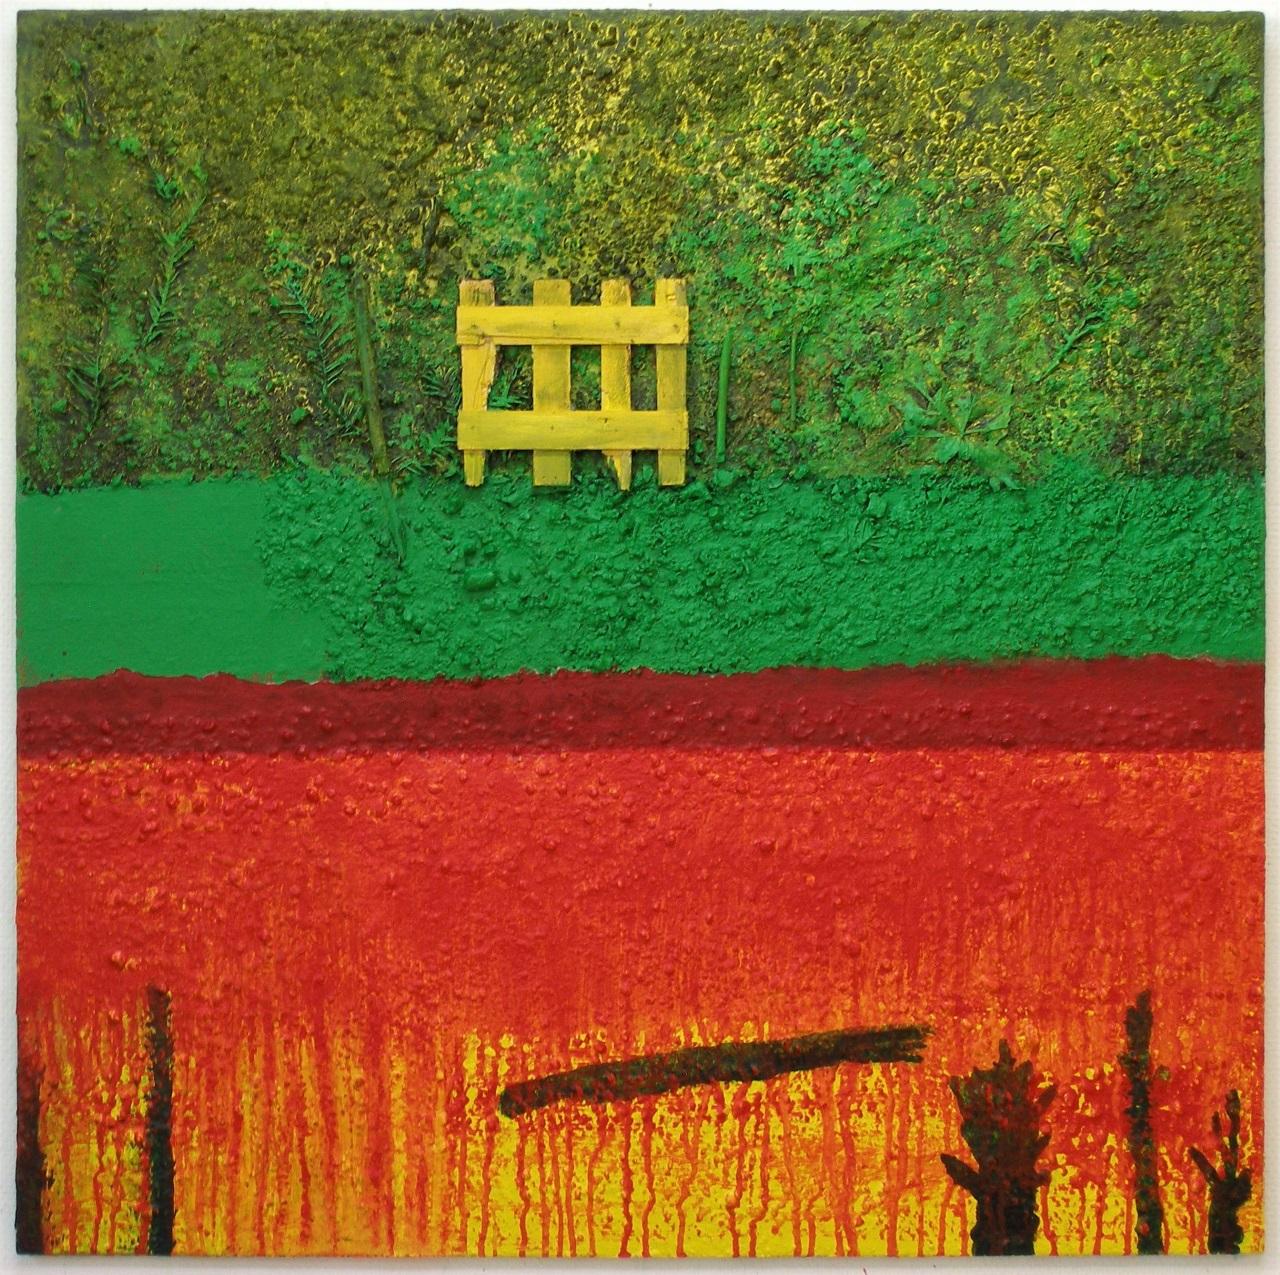 Garden, acrylics-mixedmedia on canvas, 90x90cm